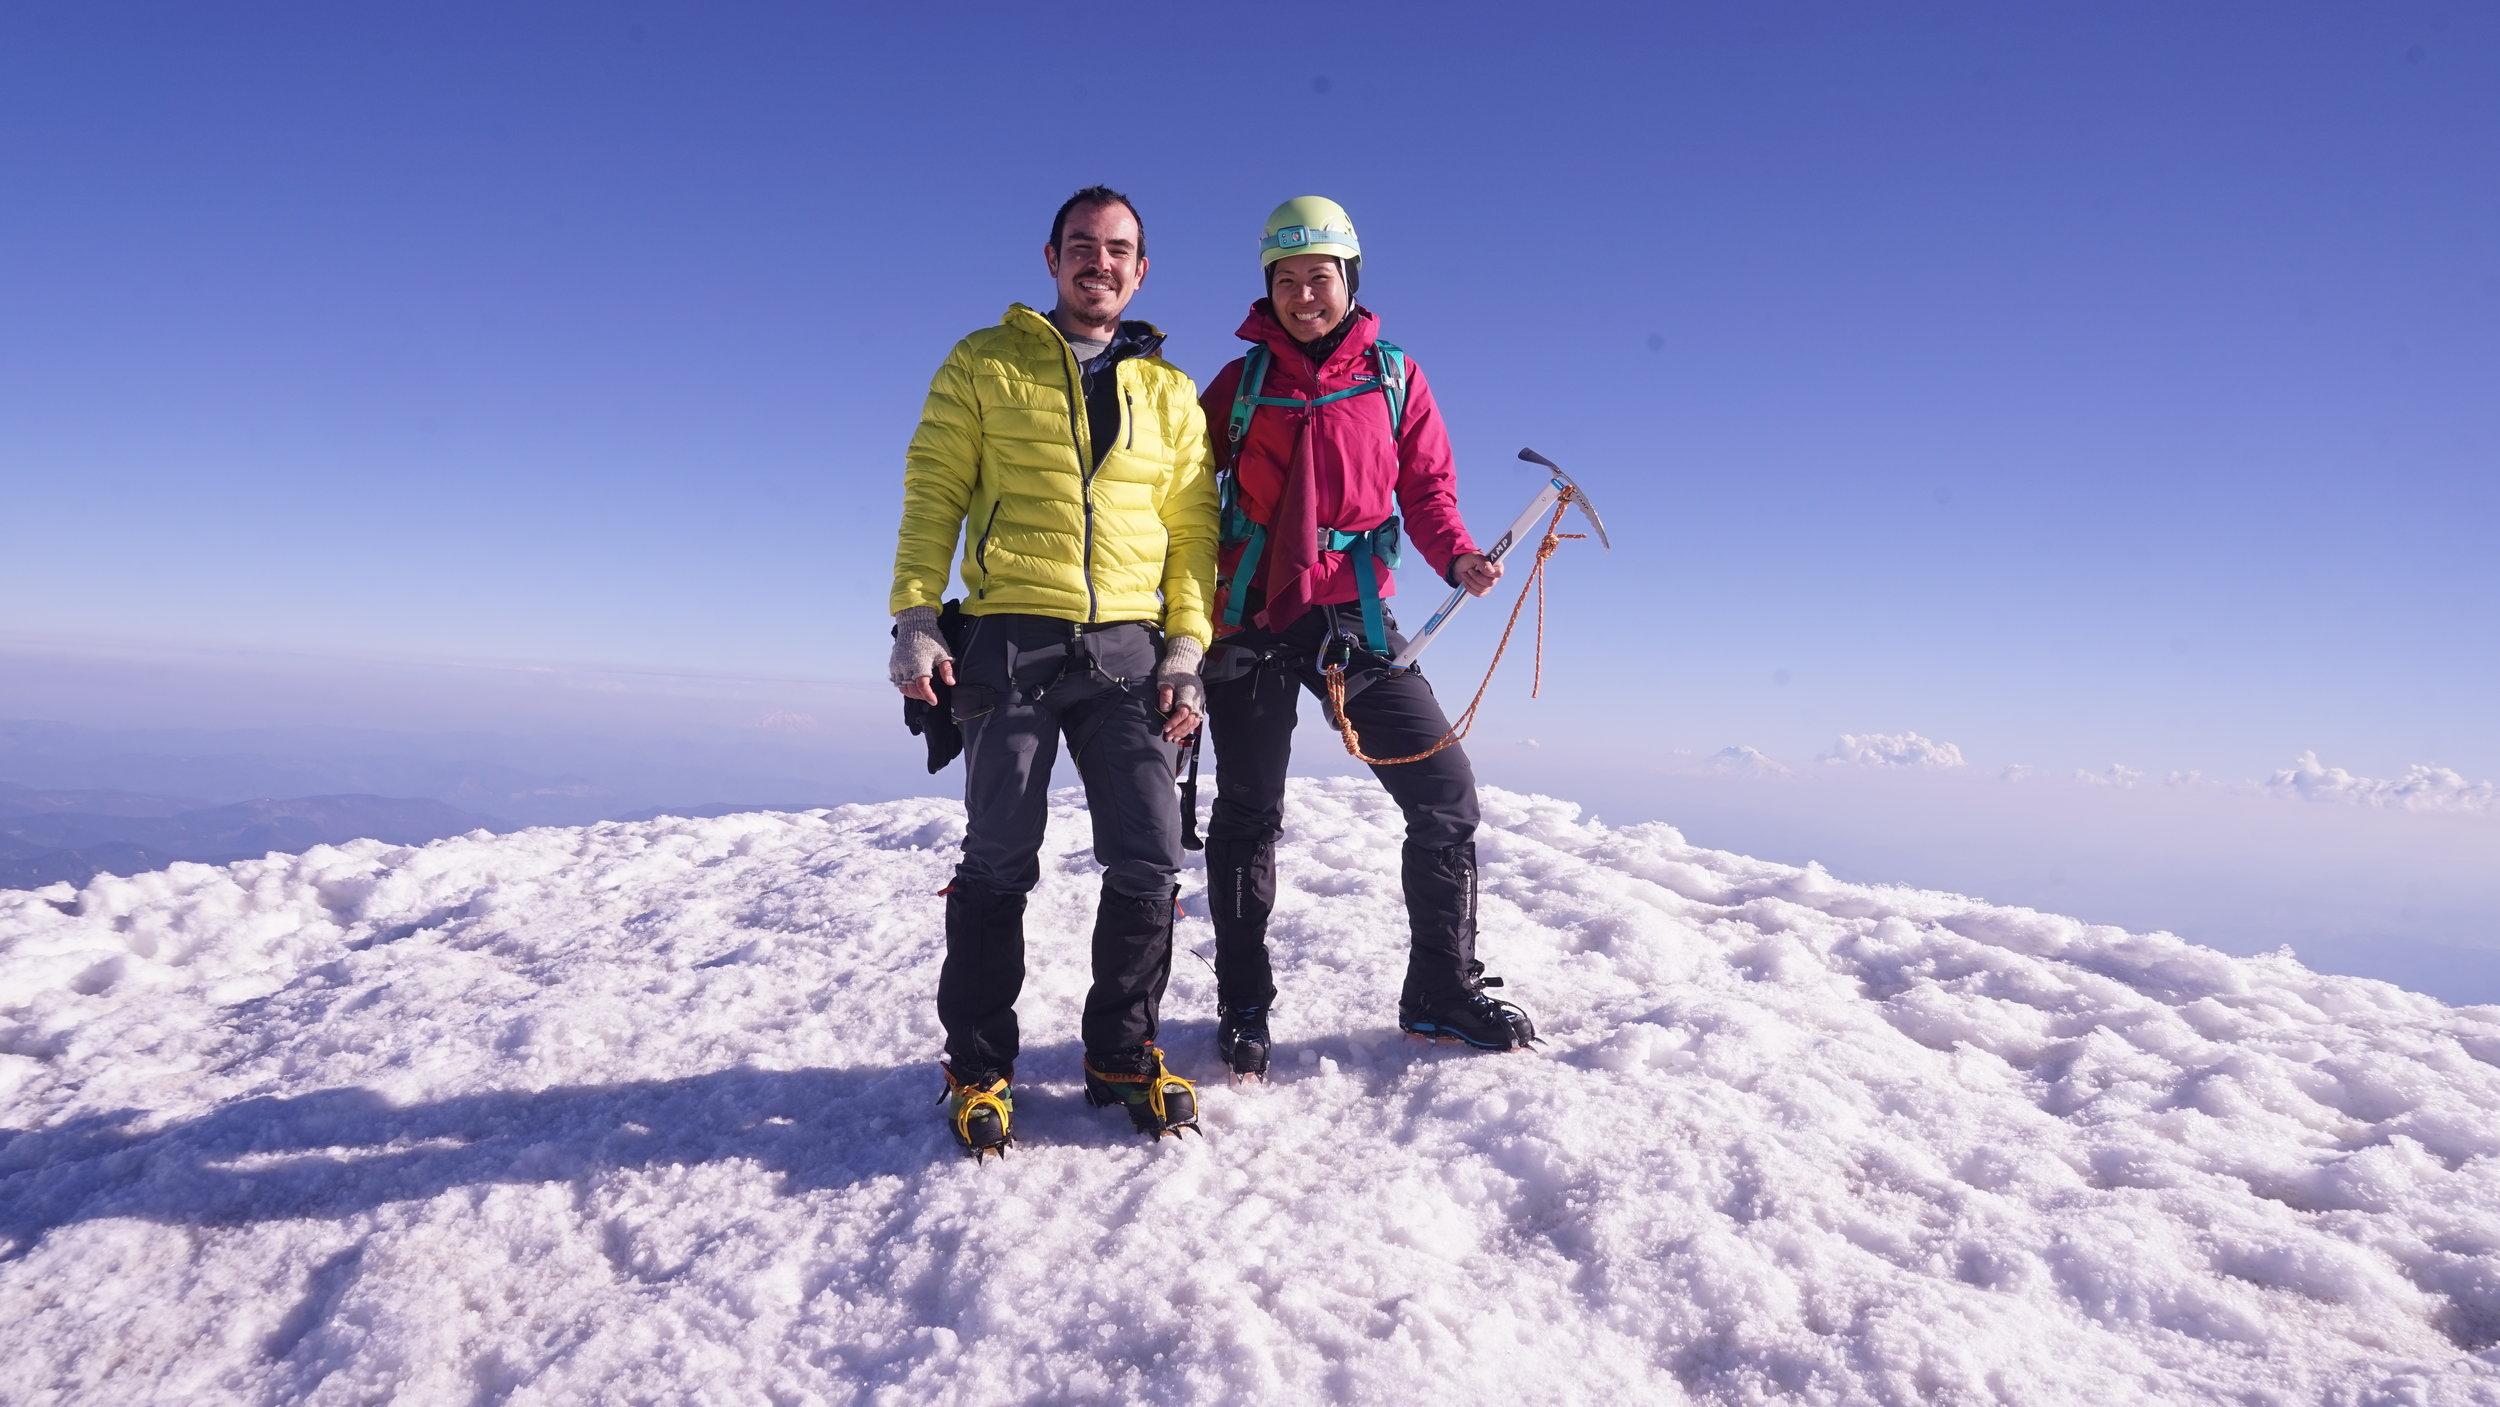 Woohoo!! Summit!